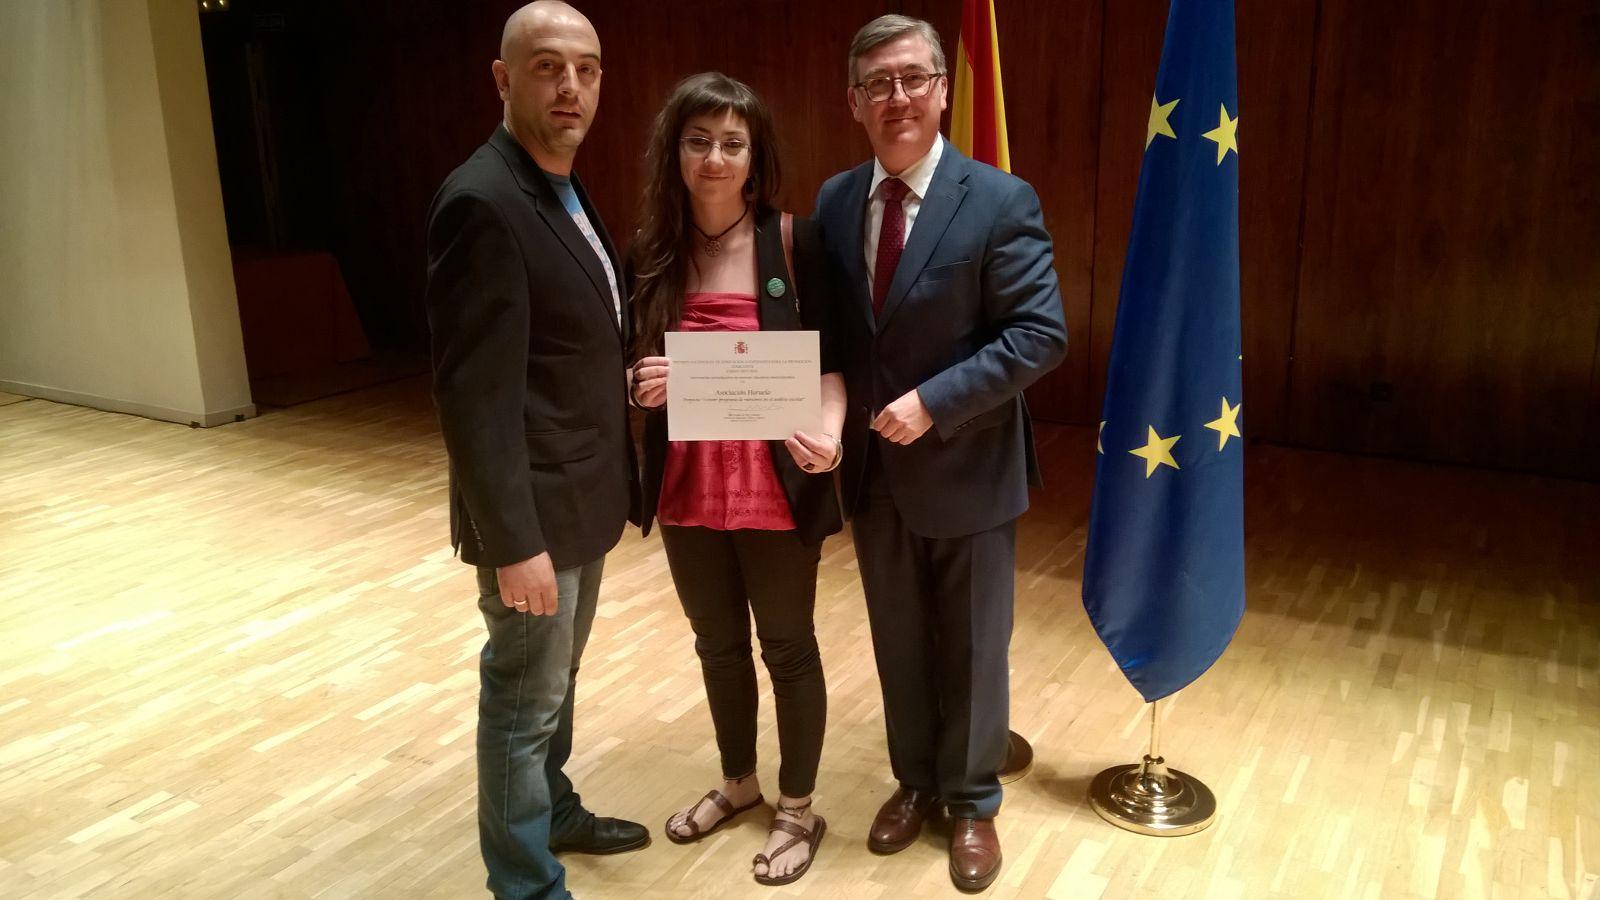 Entrega del Premio Nacional a la Intervención Socioeducativa en entornos educativos multiculturales